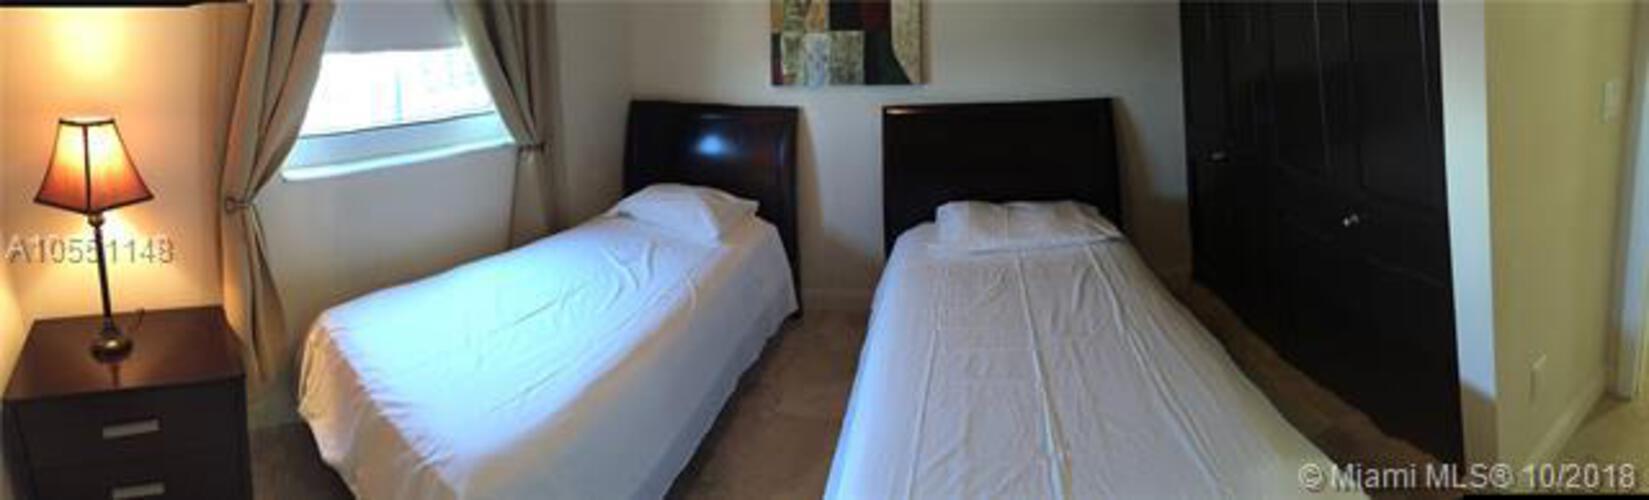 185 Southeast 14th Terrace, Miami, FL 33131, Fortune House #1706, Brickell, Miami A10551148 image #21